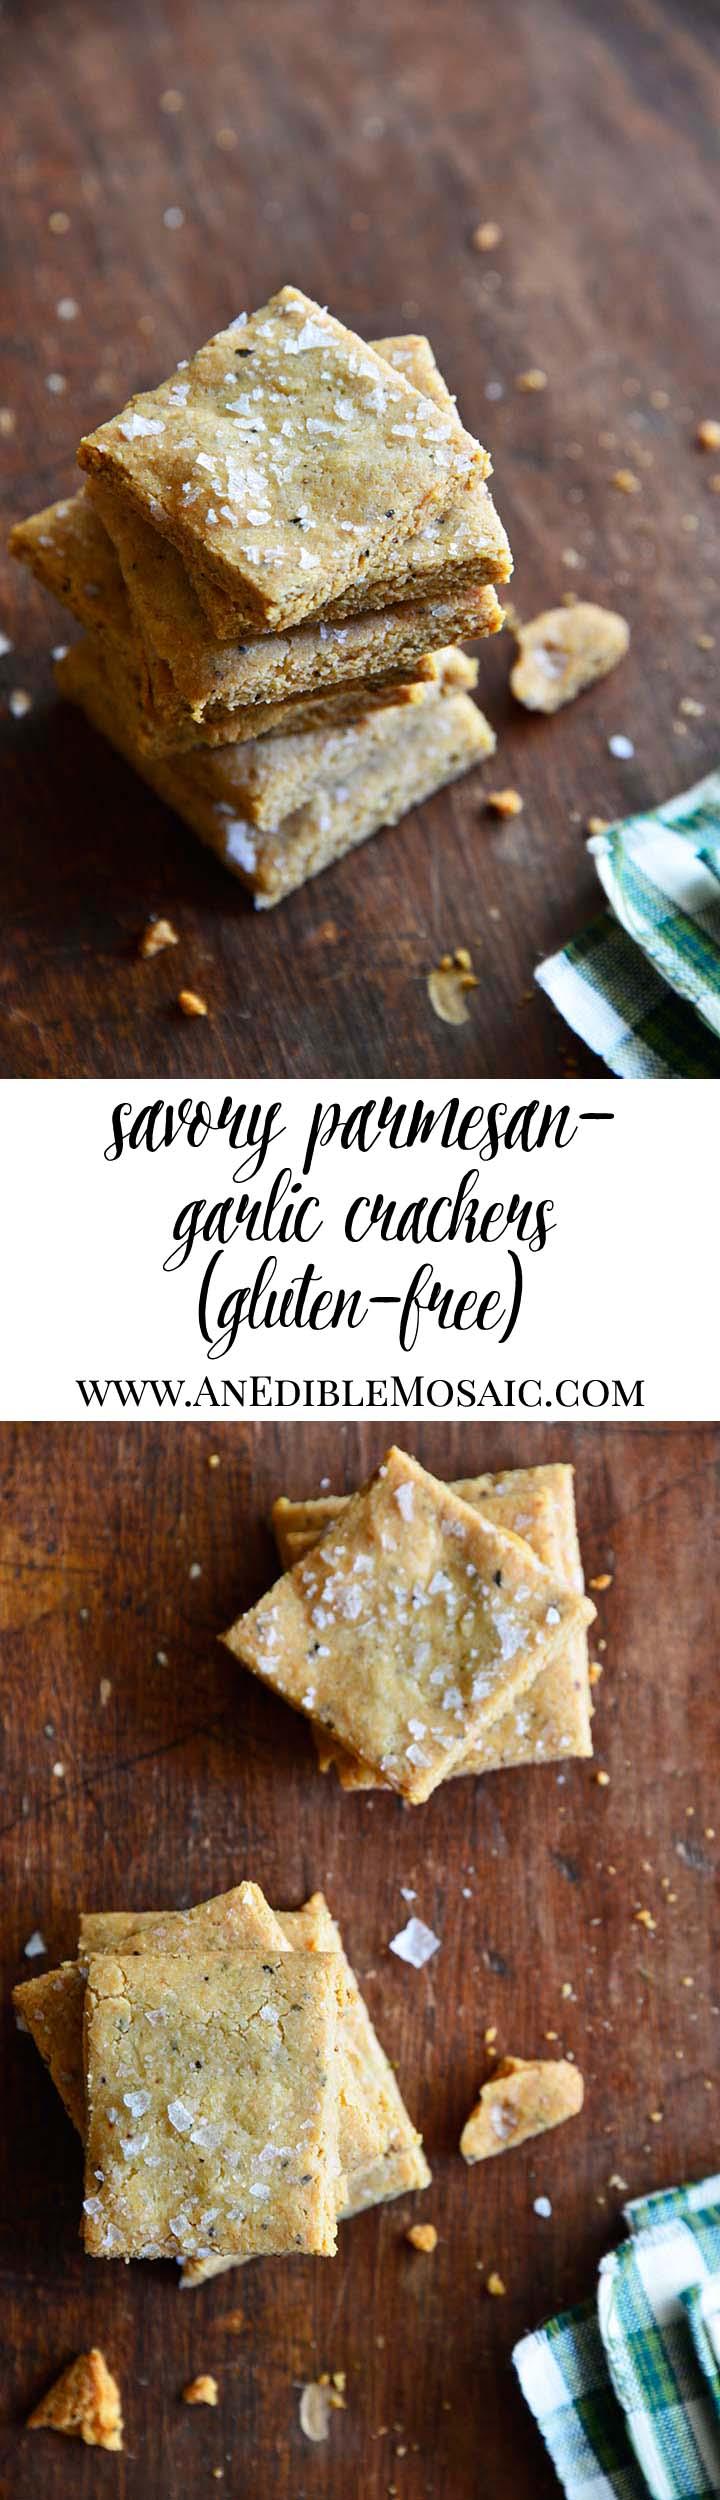 Gluten Free Savory Parmesan-Garlic Crackers Long Pin